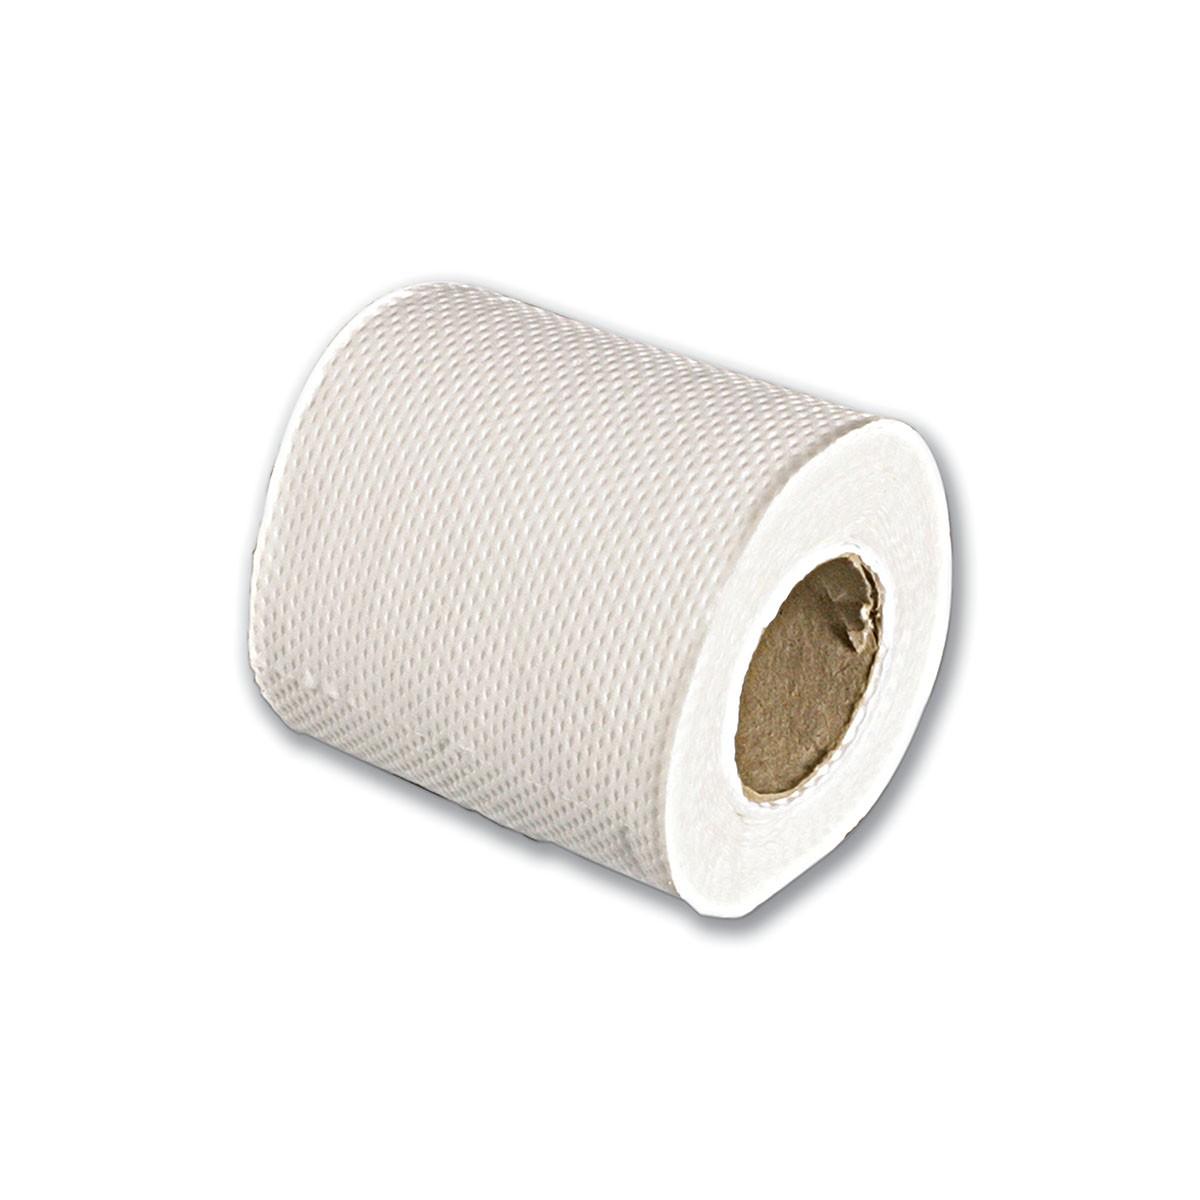 2-Ply Toilet Paper Roll (100shts) - White   10rlsx10pkts